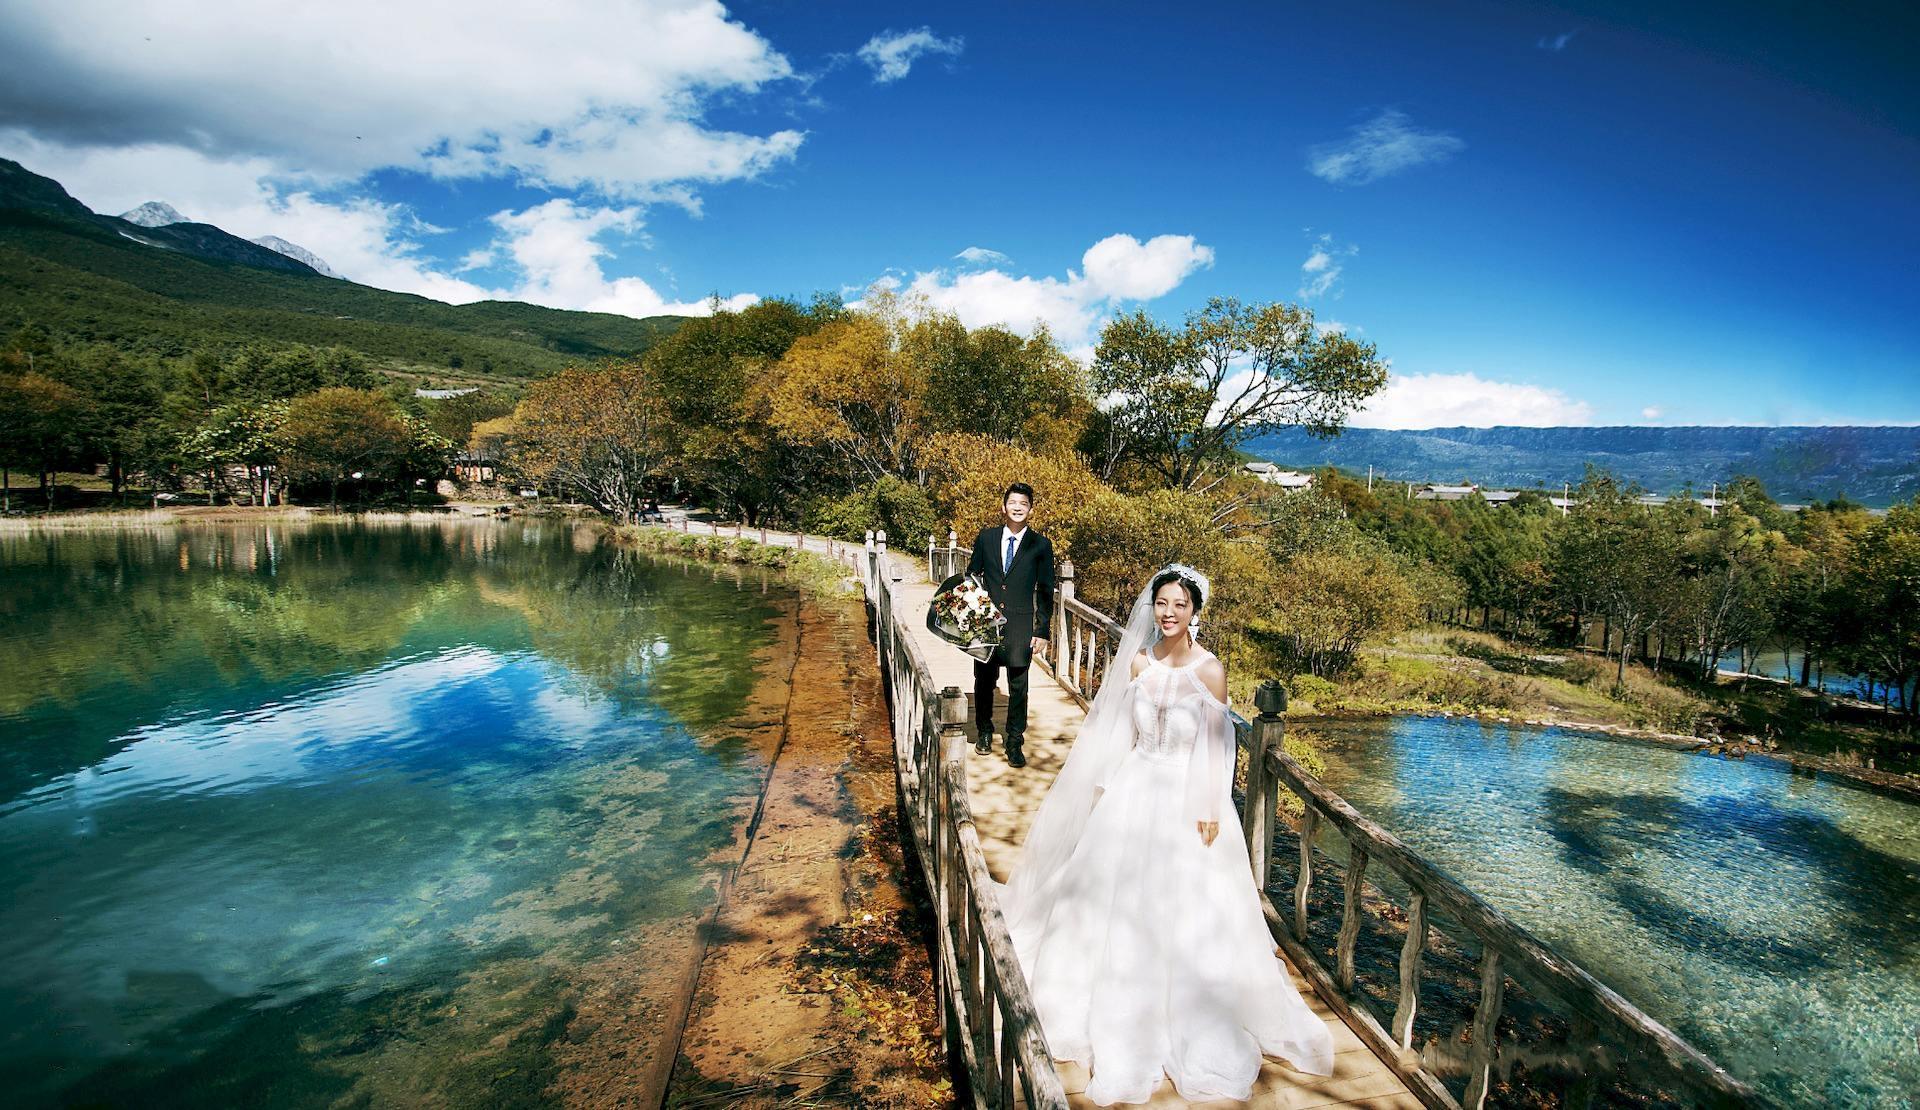 纠结丽江旅拍哪个好?看十月丽江婚纱摄影十大排名第一名花落谁家